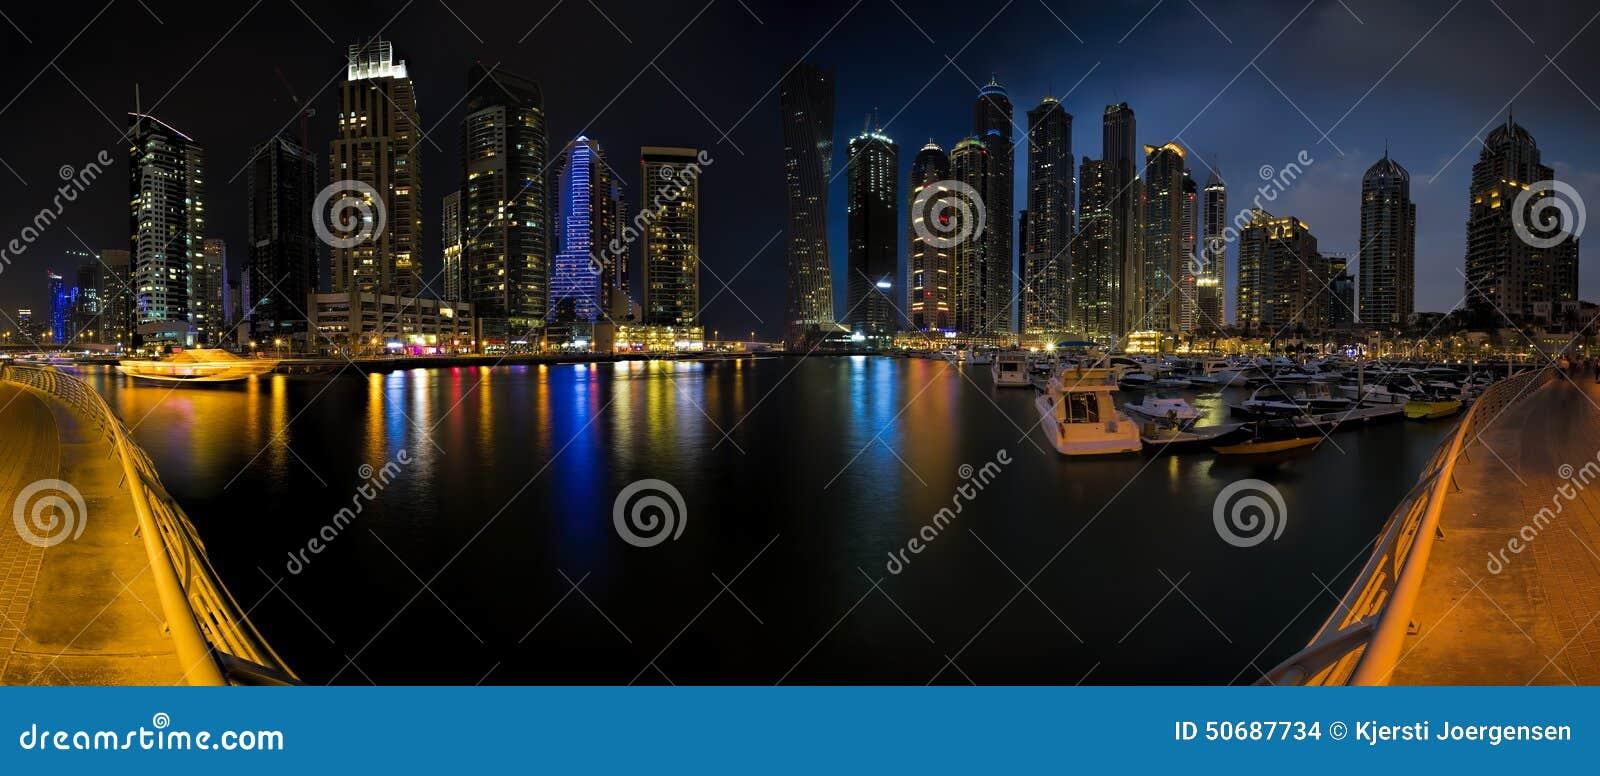 Download 迪拜小游艇船坞全景 库存照片. 图片 包括有 海湾, 晚上, 大城市, 城市, 全景, 运河, 照亮, 海滨广场 - 50687734